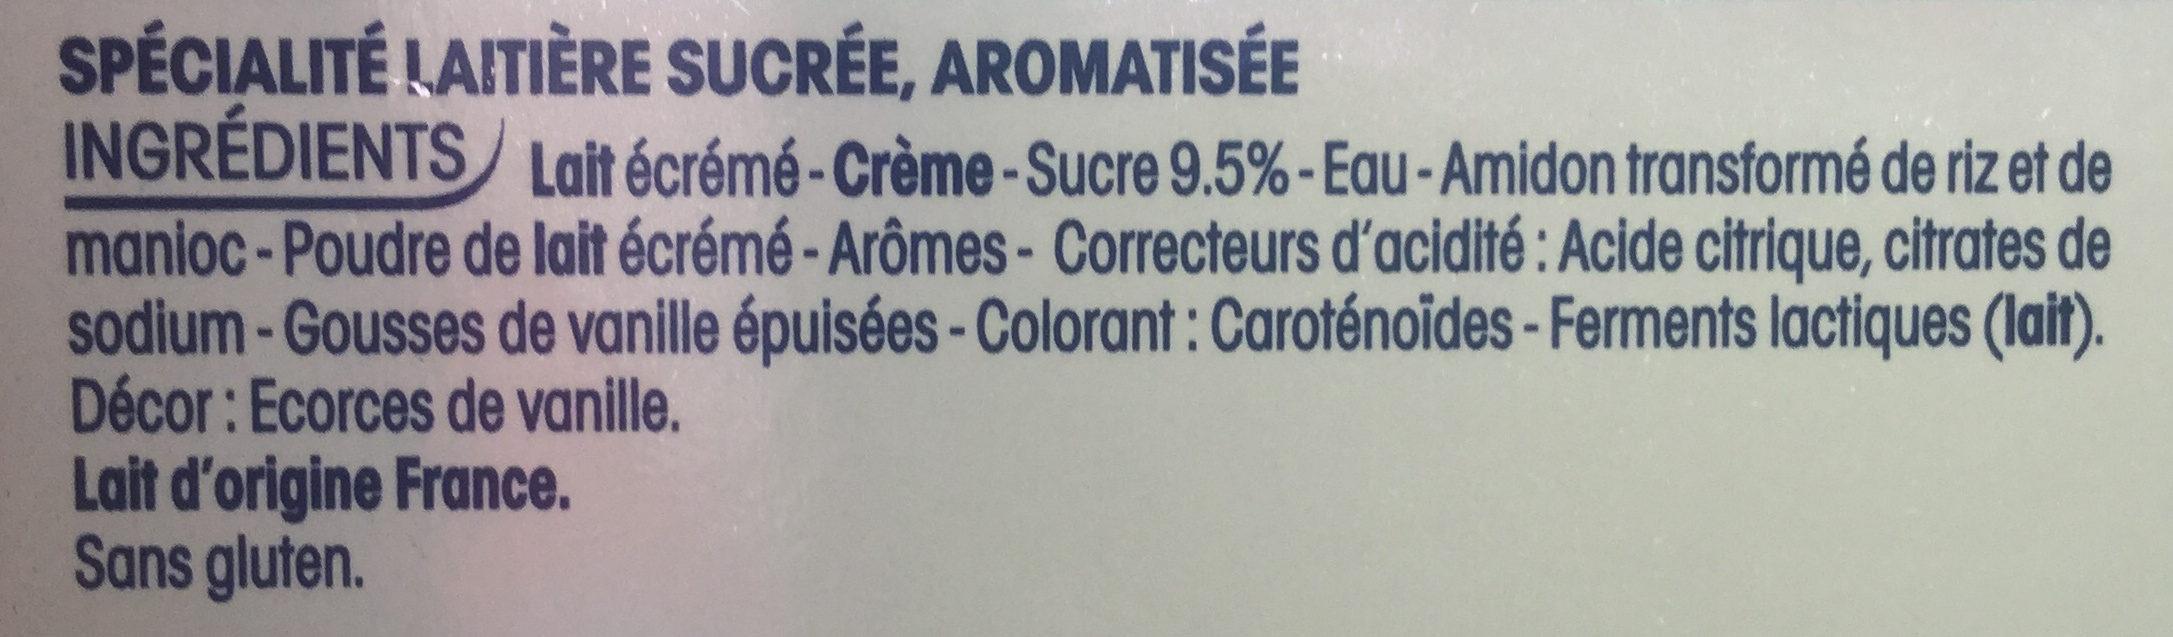 Perle de Lait - Saveur Vanille - Ingredients - fr